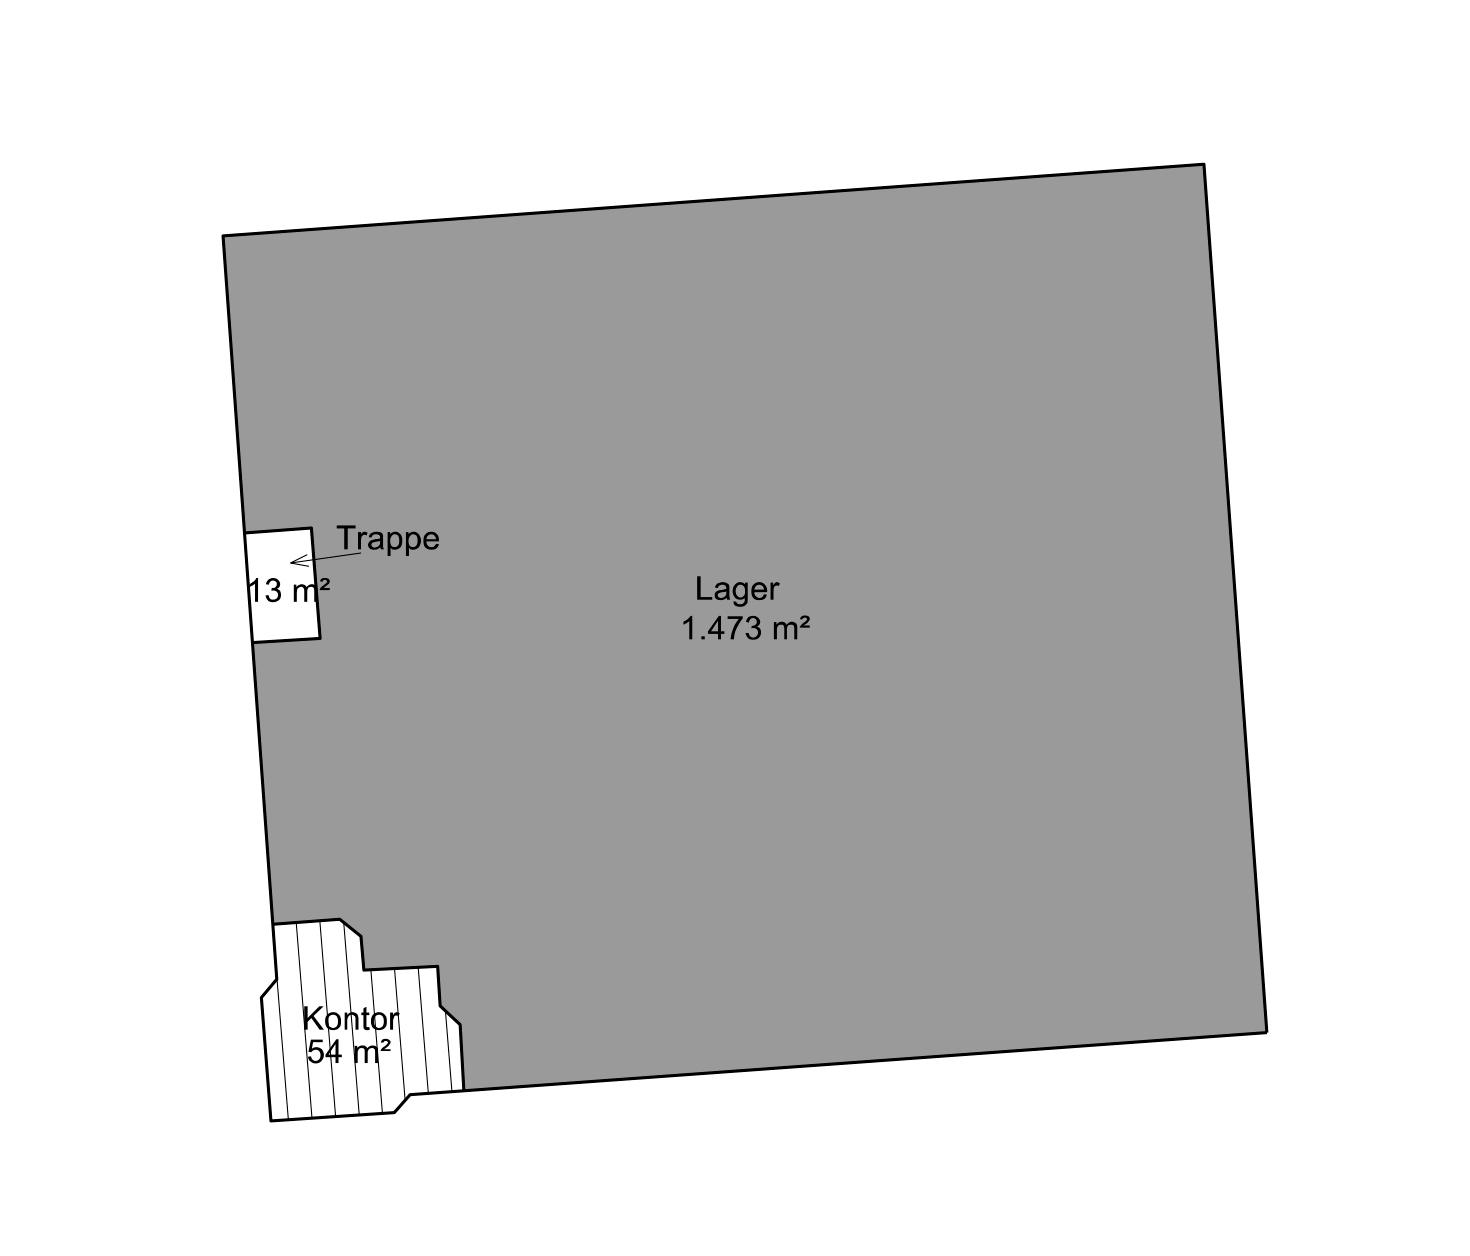 Plantegning - Stueplan - Bygning 2 - Brandstrupvej 4